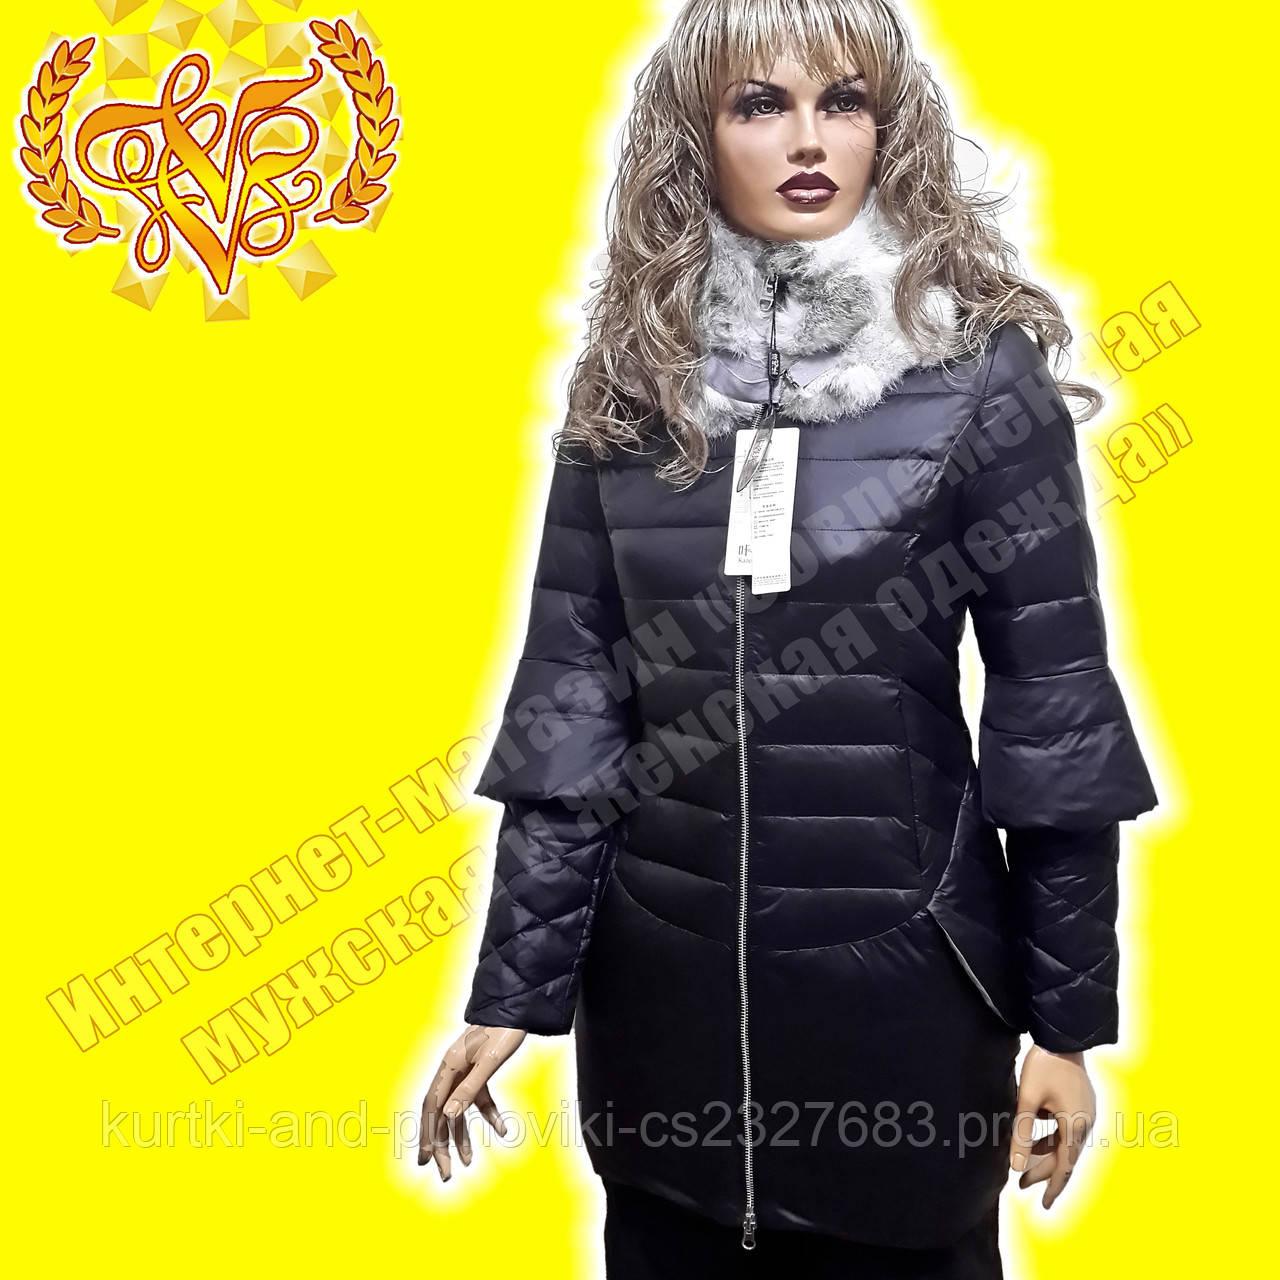 Женские брендовые куртки - Интернет-магазин «Современная мужская и женская  одежда» в Черновцах 8e02ed3adfb69